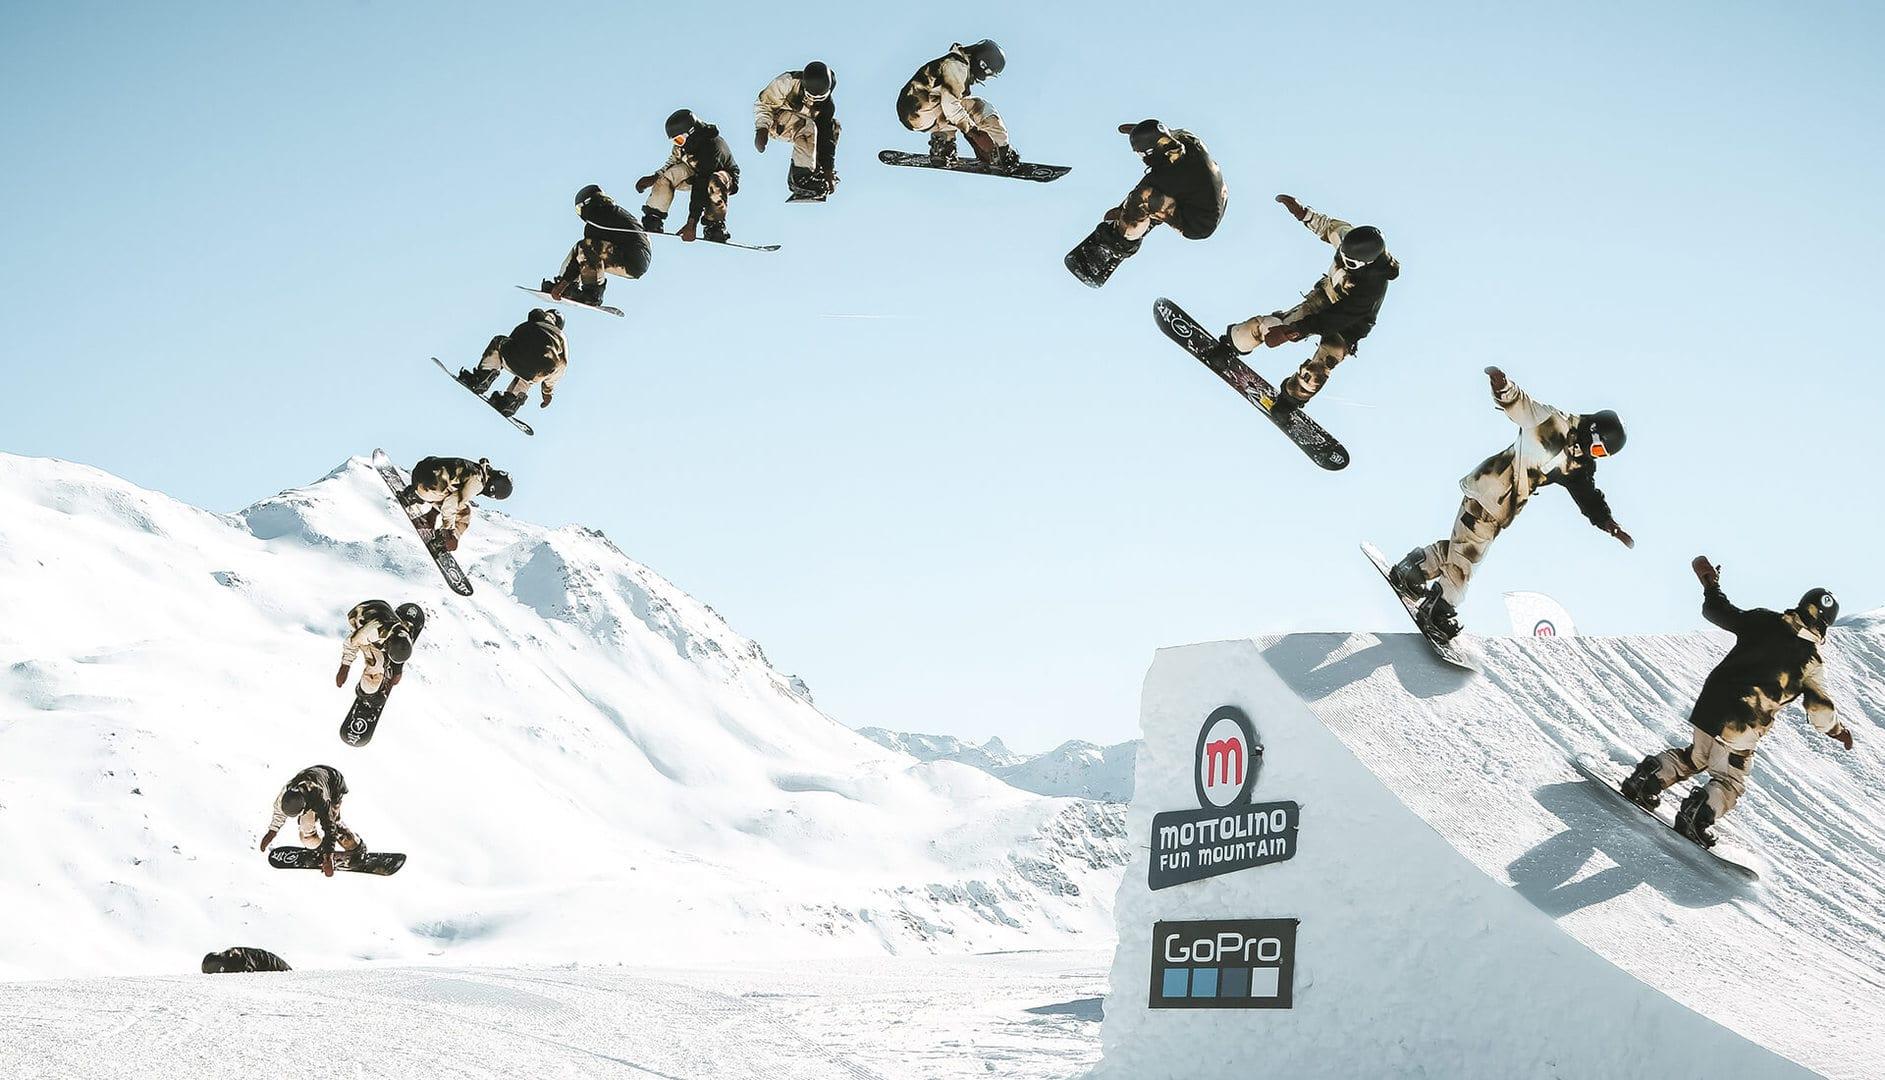 evoluzioni in aria con lo snowboard presso lo snowpark Mottolino